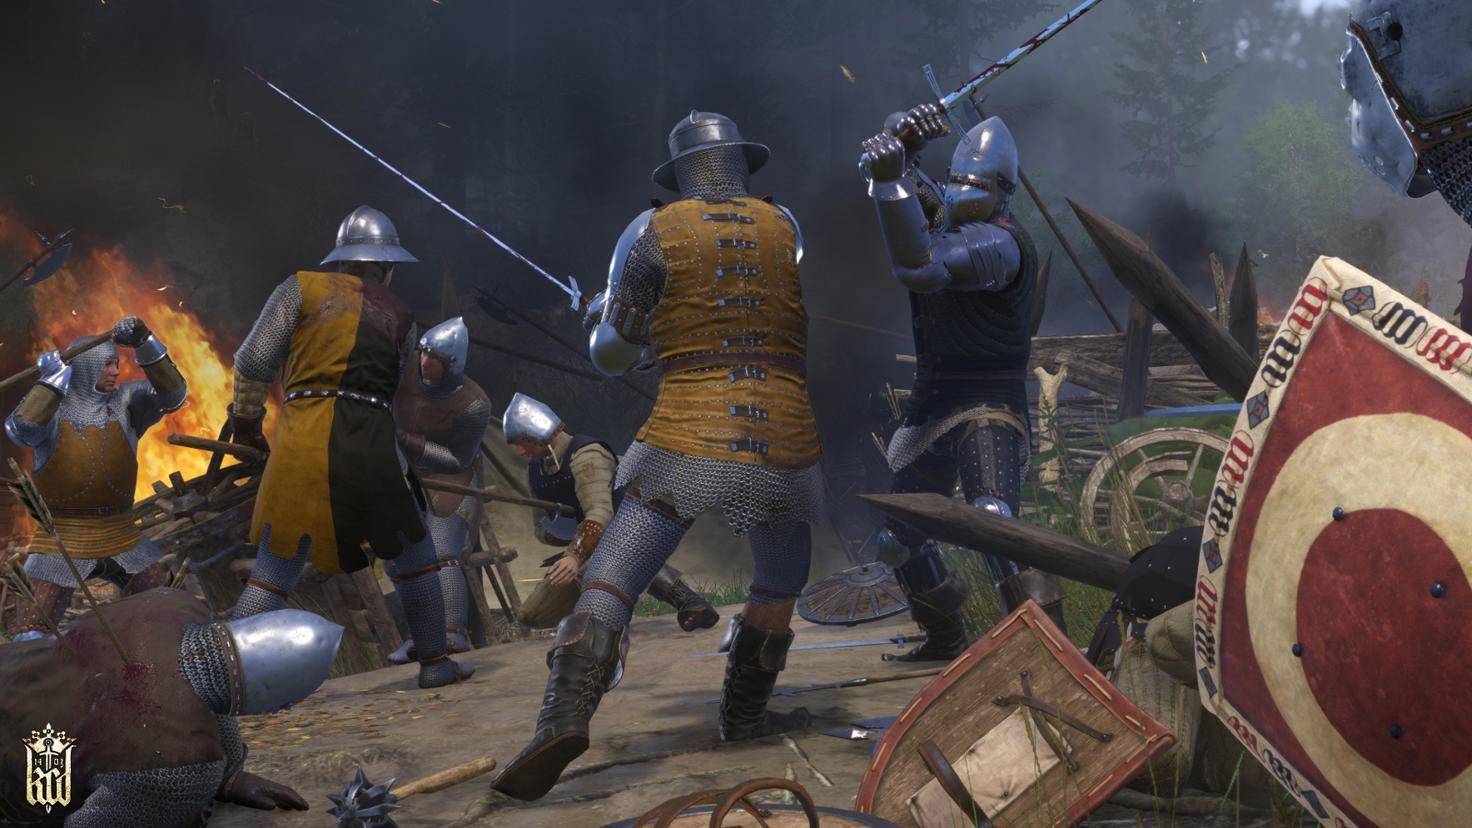 """Kämpfen mit mehreren Gegner gehst Du in """"Kingdom Come: Deliverance"""" besser aus dem Weg. Nutze im Schlachtgetümmel die Chance, von hinten anzugreifen."""